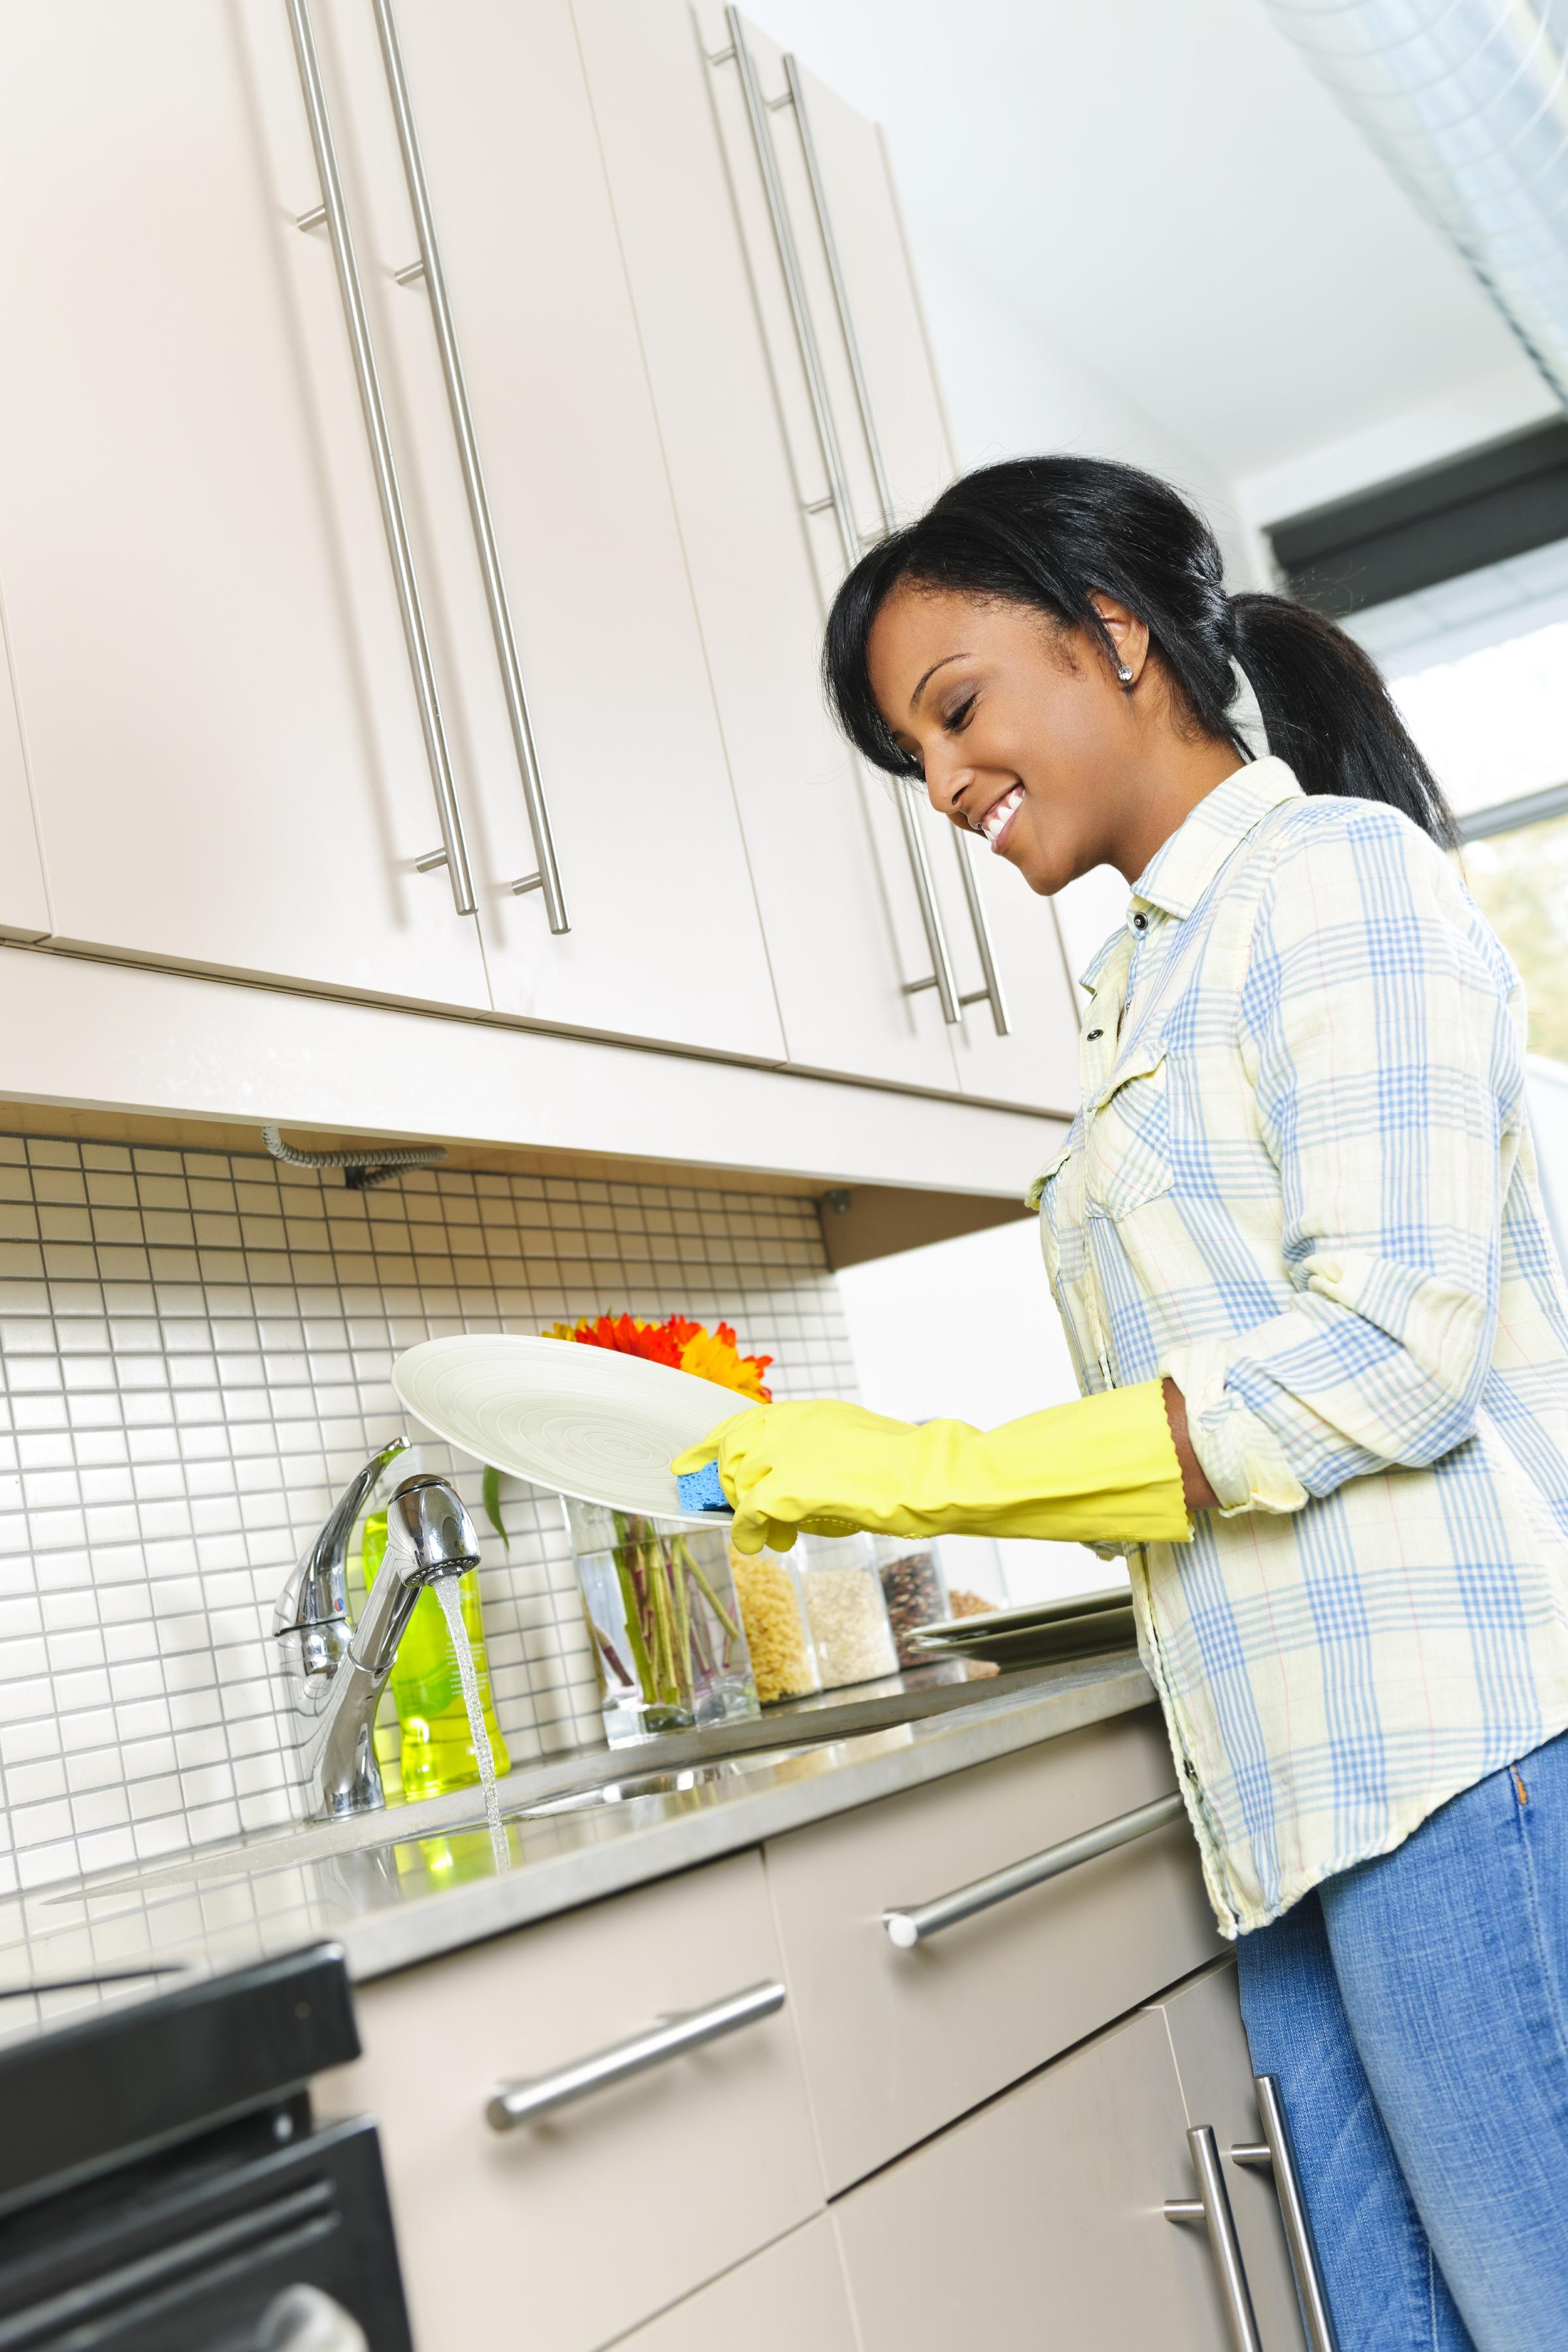 indianapolis garbage disposal repair 317 784 1870 - Kitchen Sink Stinks